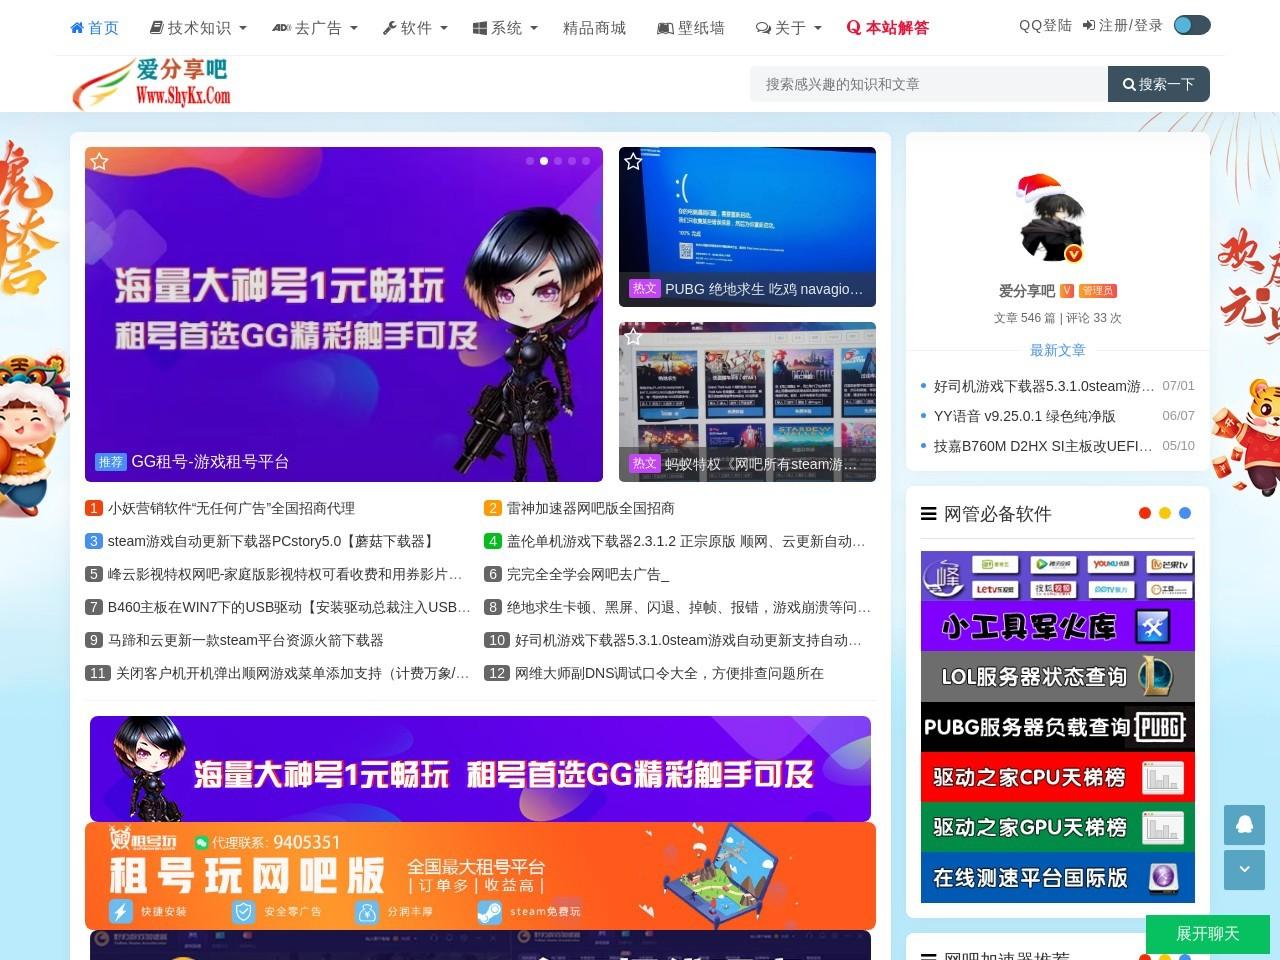 爱分享吧_网吧精品软件分享平台